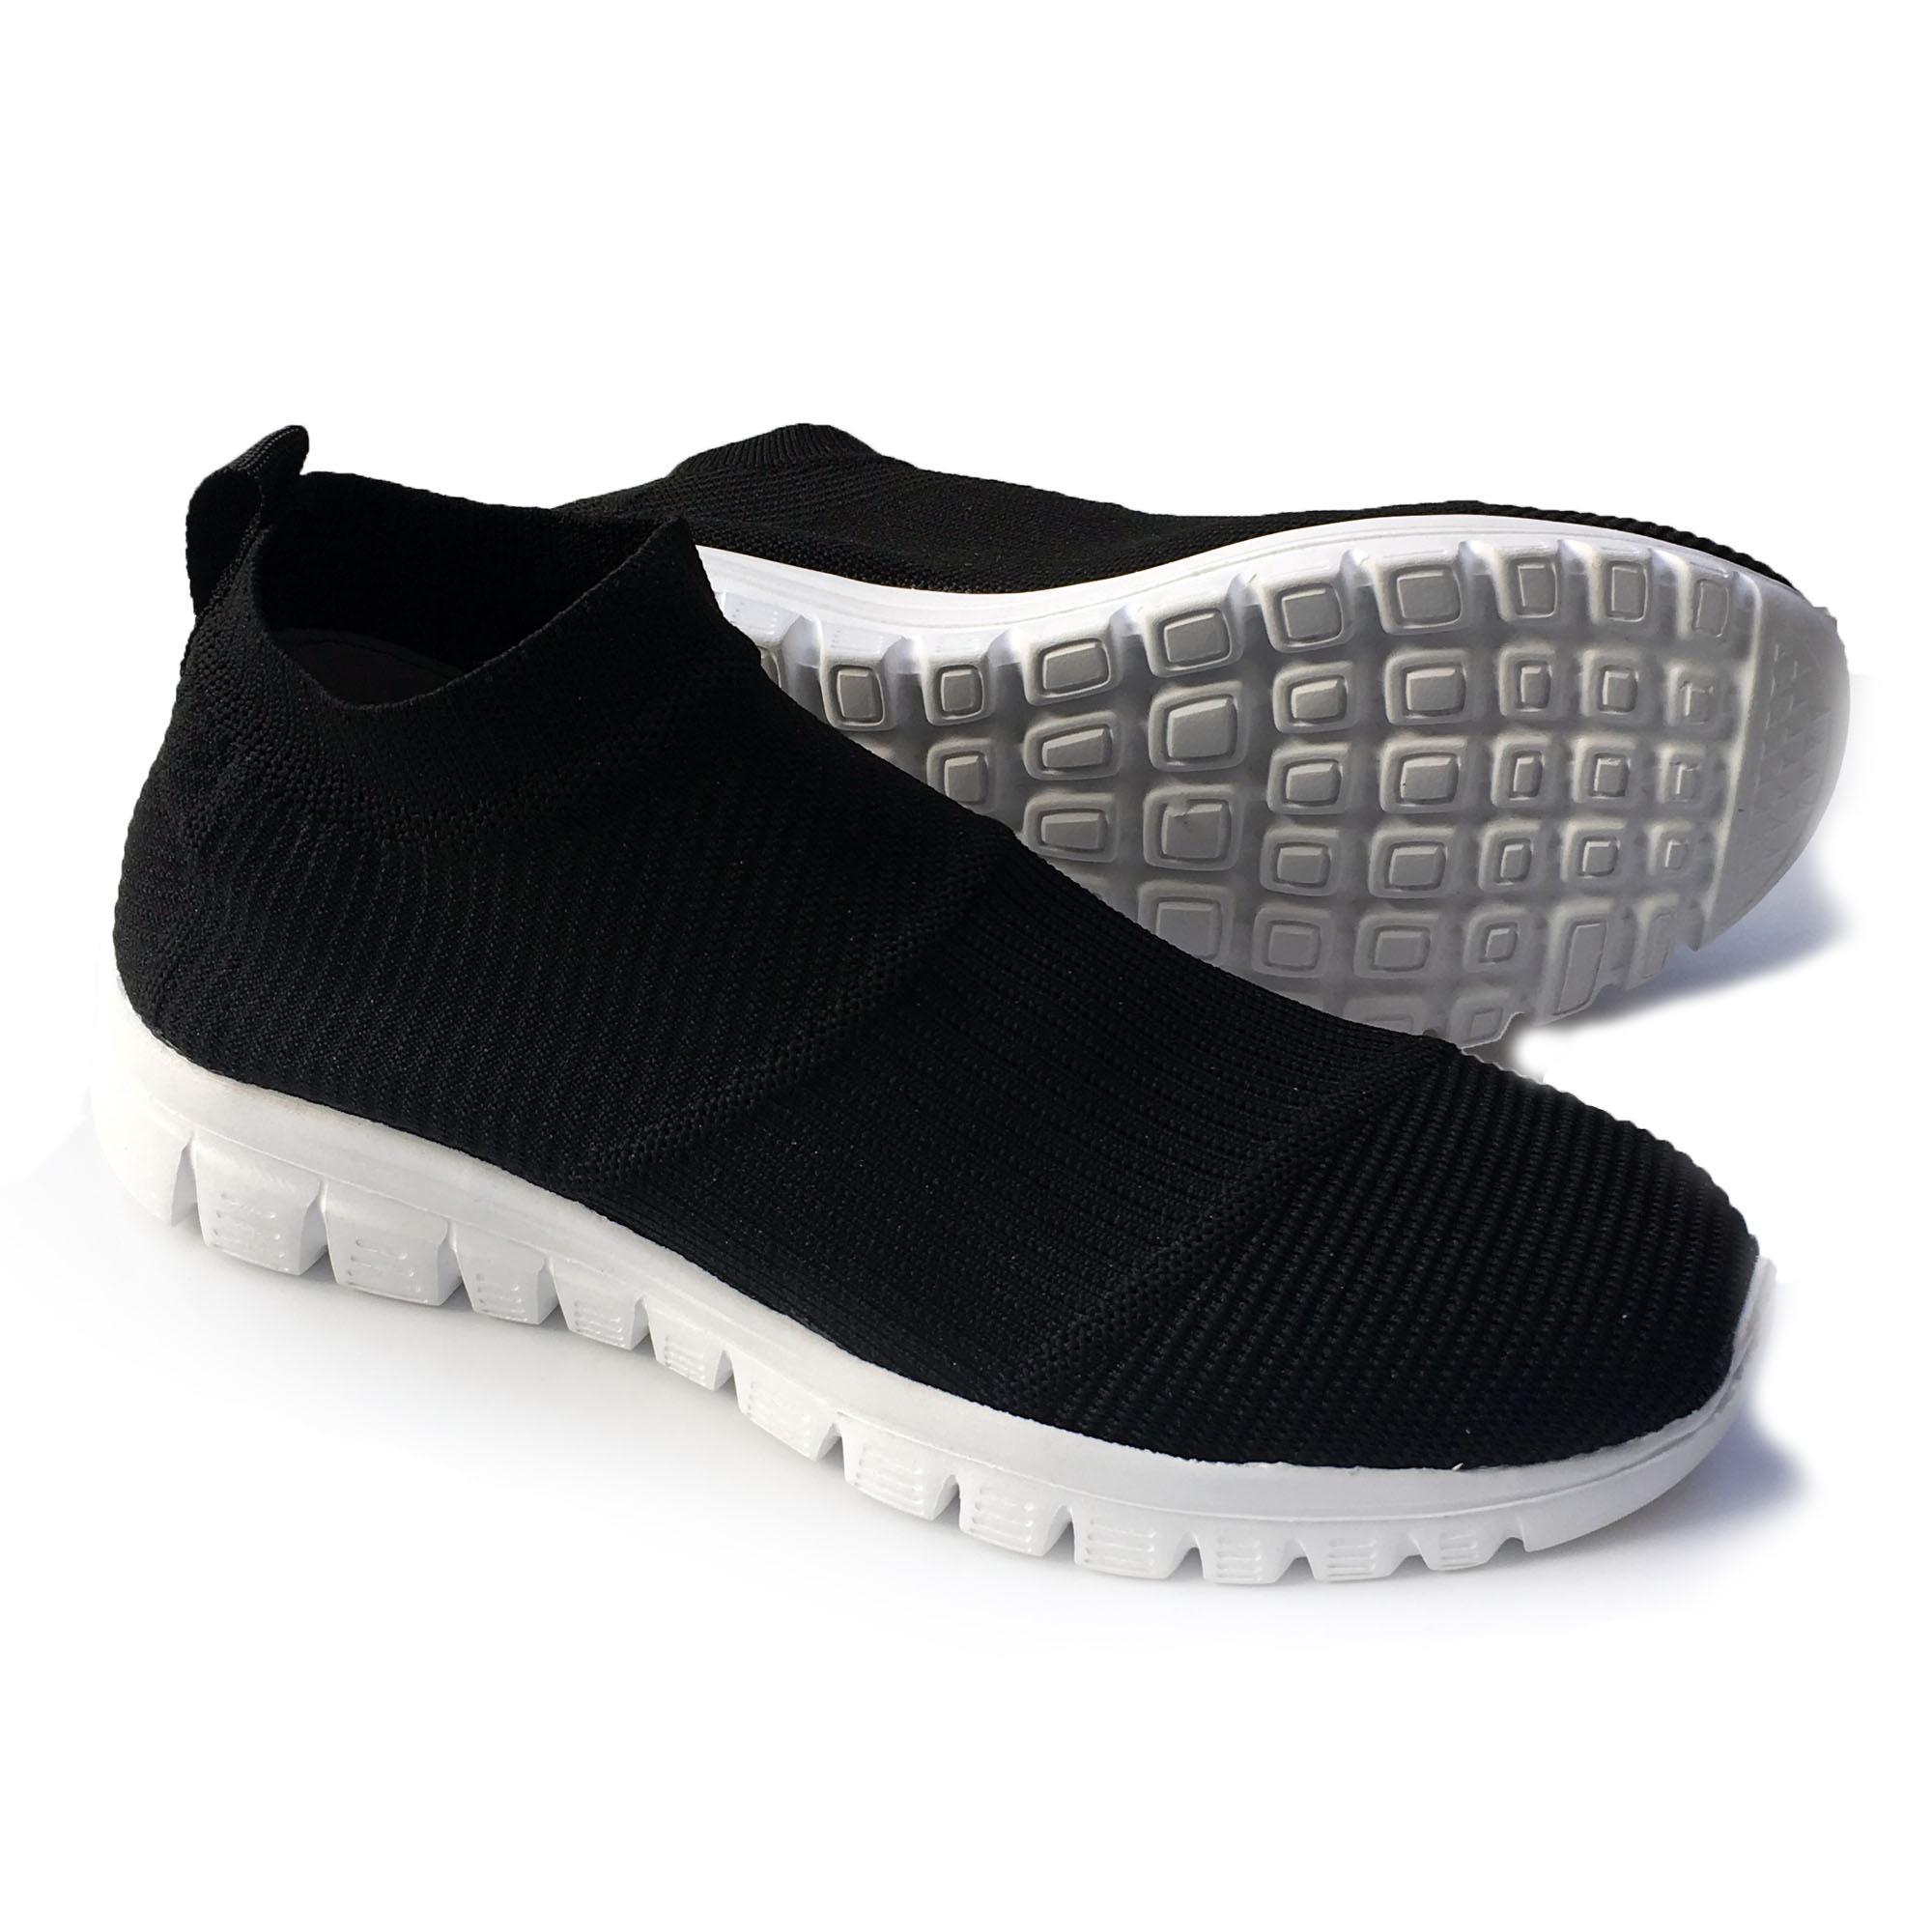 SNJ 555 Sepatu Sneaker terbaru-Sepatu wanita model dari brand hertz murah berkualitas/sepatu olahraga